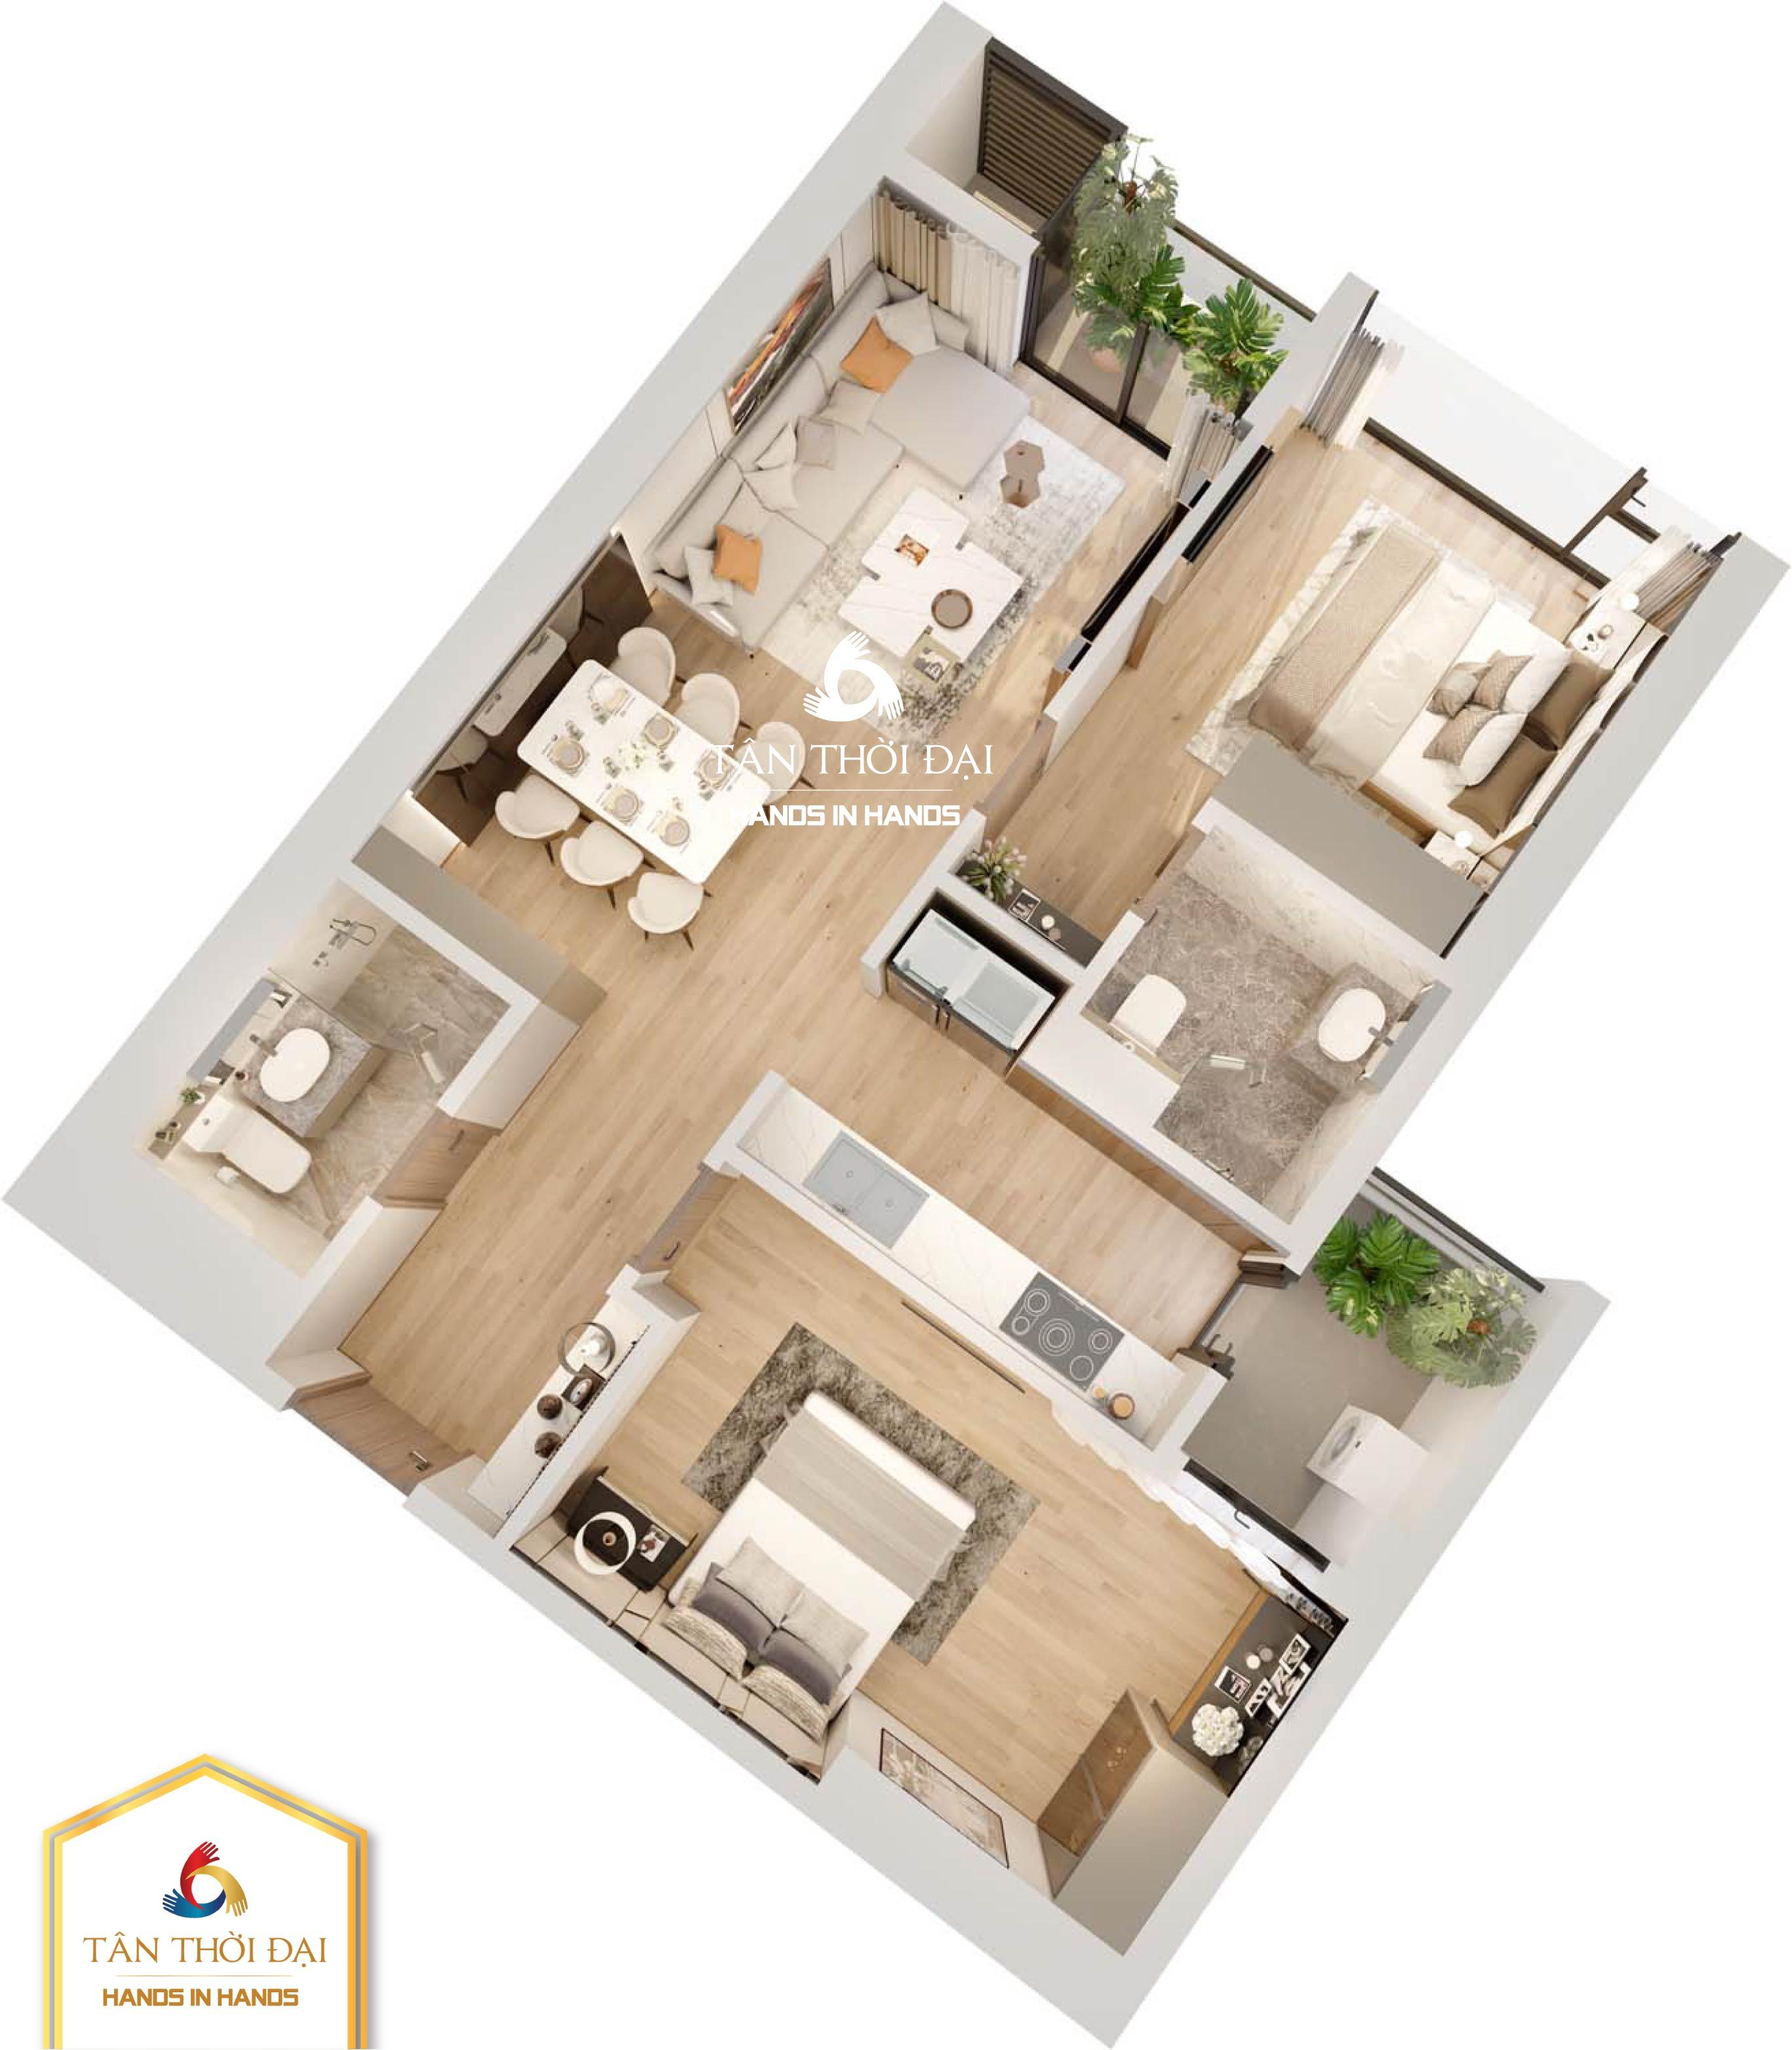 Thiết kế căn hộ 2 ngủ B02, B03, B04, B05 ( căn 2PN - 2 phòng ngủ )